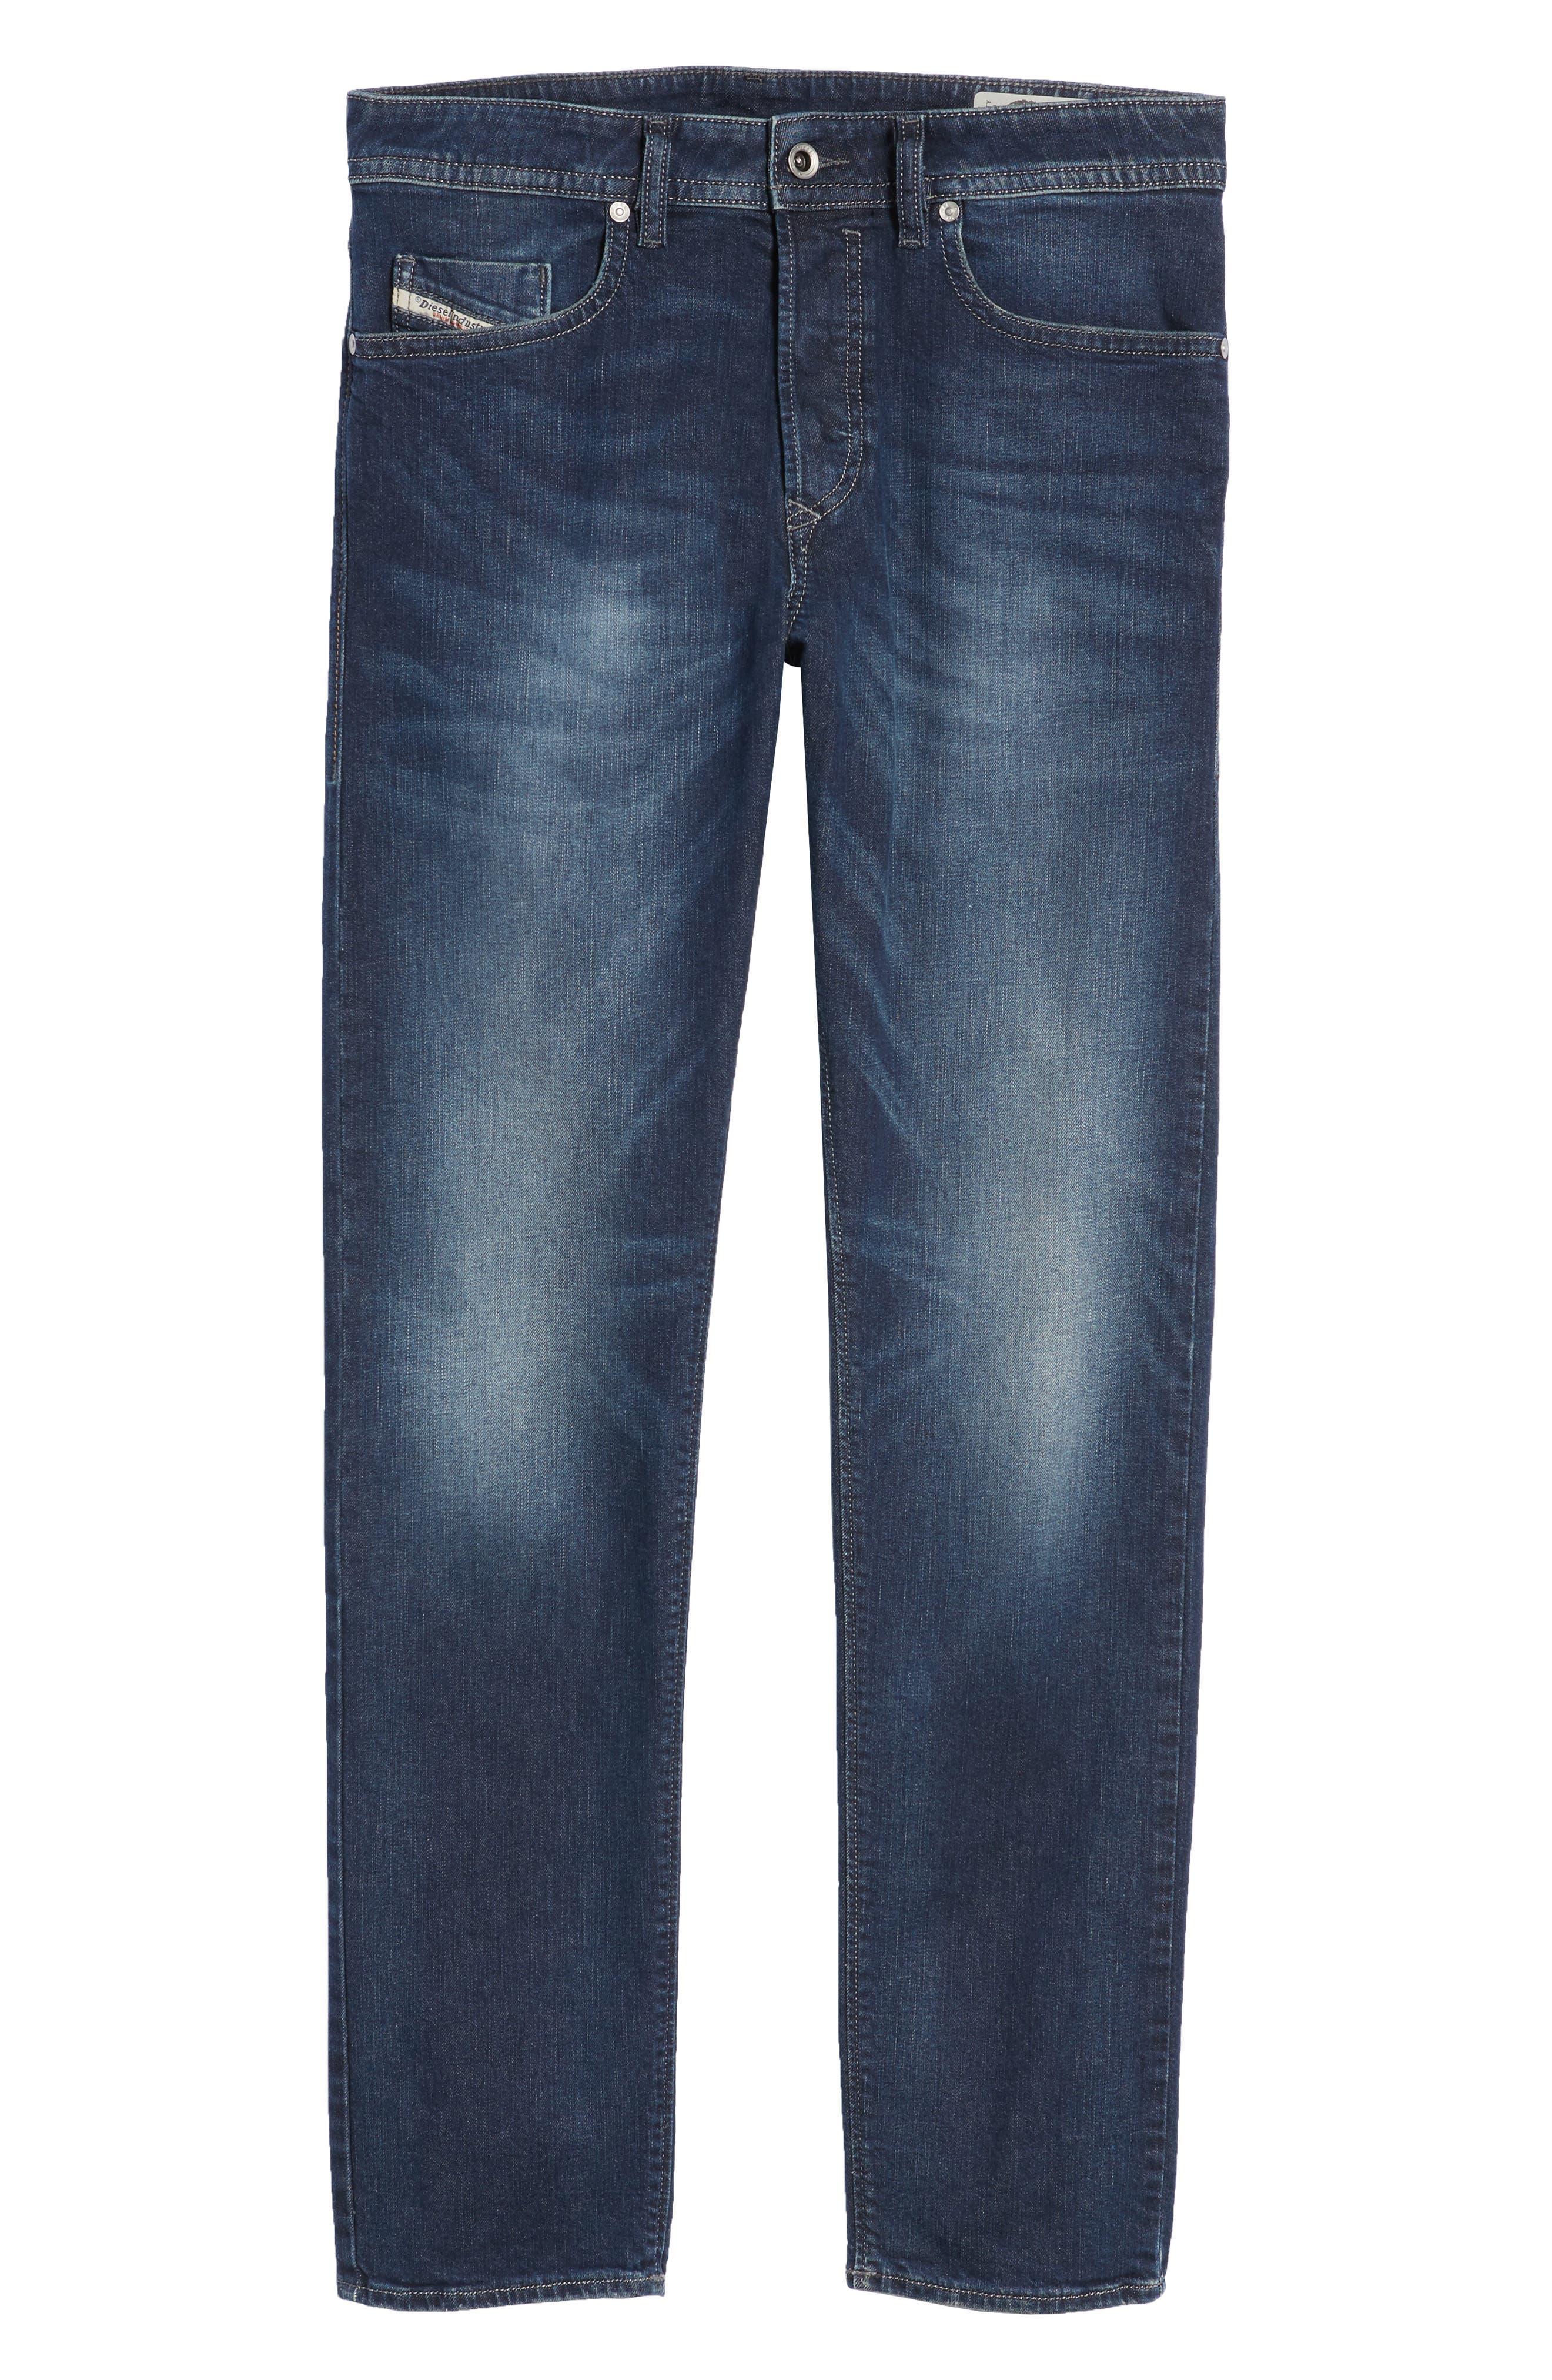 Buster Slim Straight Leg Jeans,                             Alternate thumbnail 6, color,                             BLUE